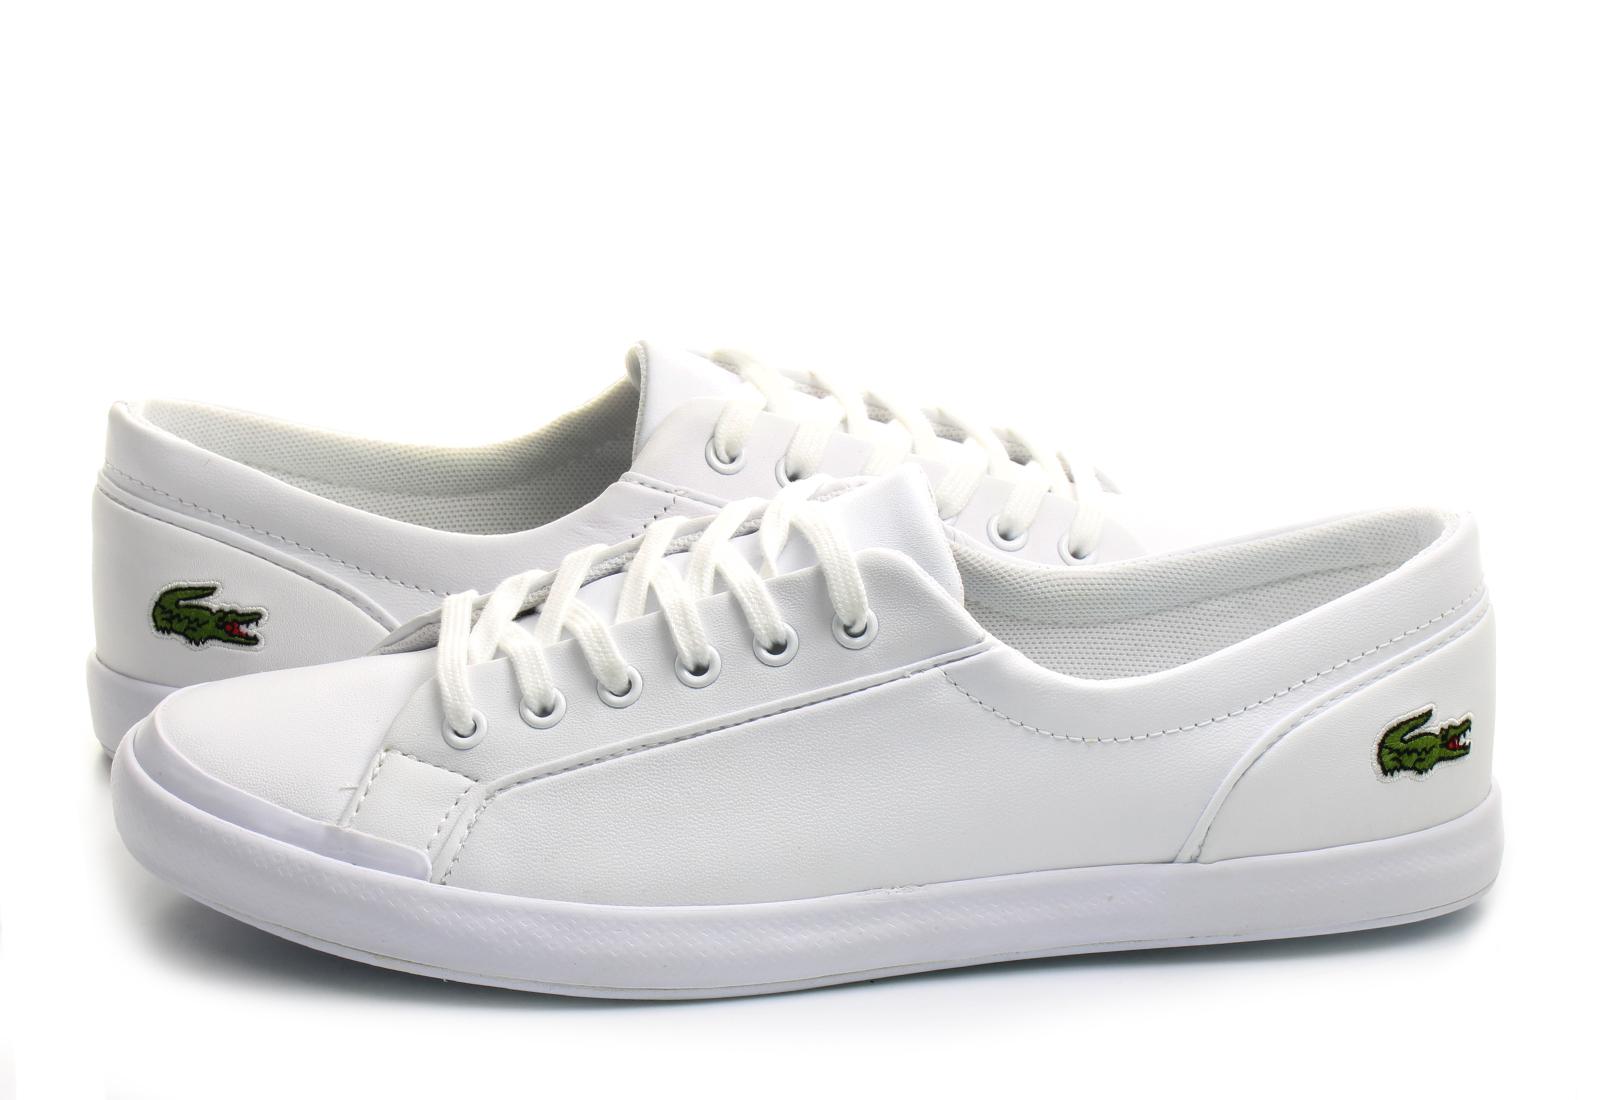 e79e32972ba3 Lacoste Shoes - Lancelle Bl 1 - 171spw0135-001 - Online shop for ...